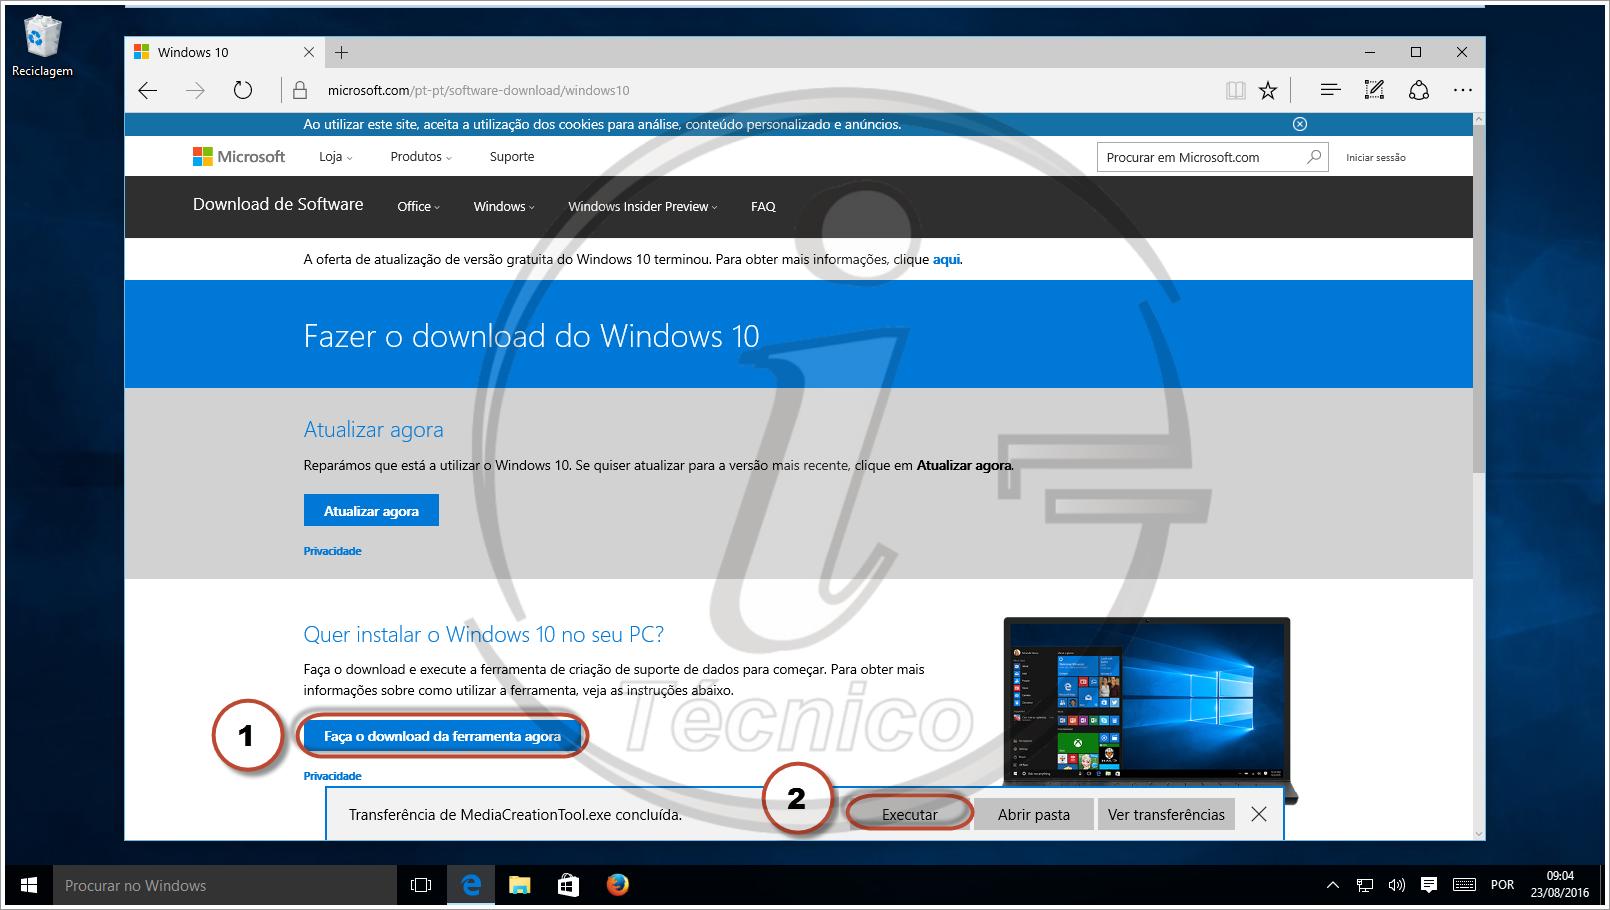 Windows 10 1809 Download einer ISO Datei. Wir zeigen euch wie ihr ein Image von Win 10 1809 mit dem Media Creation Tool herunterladen könnt.